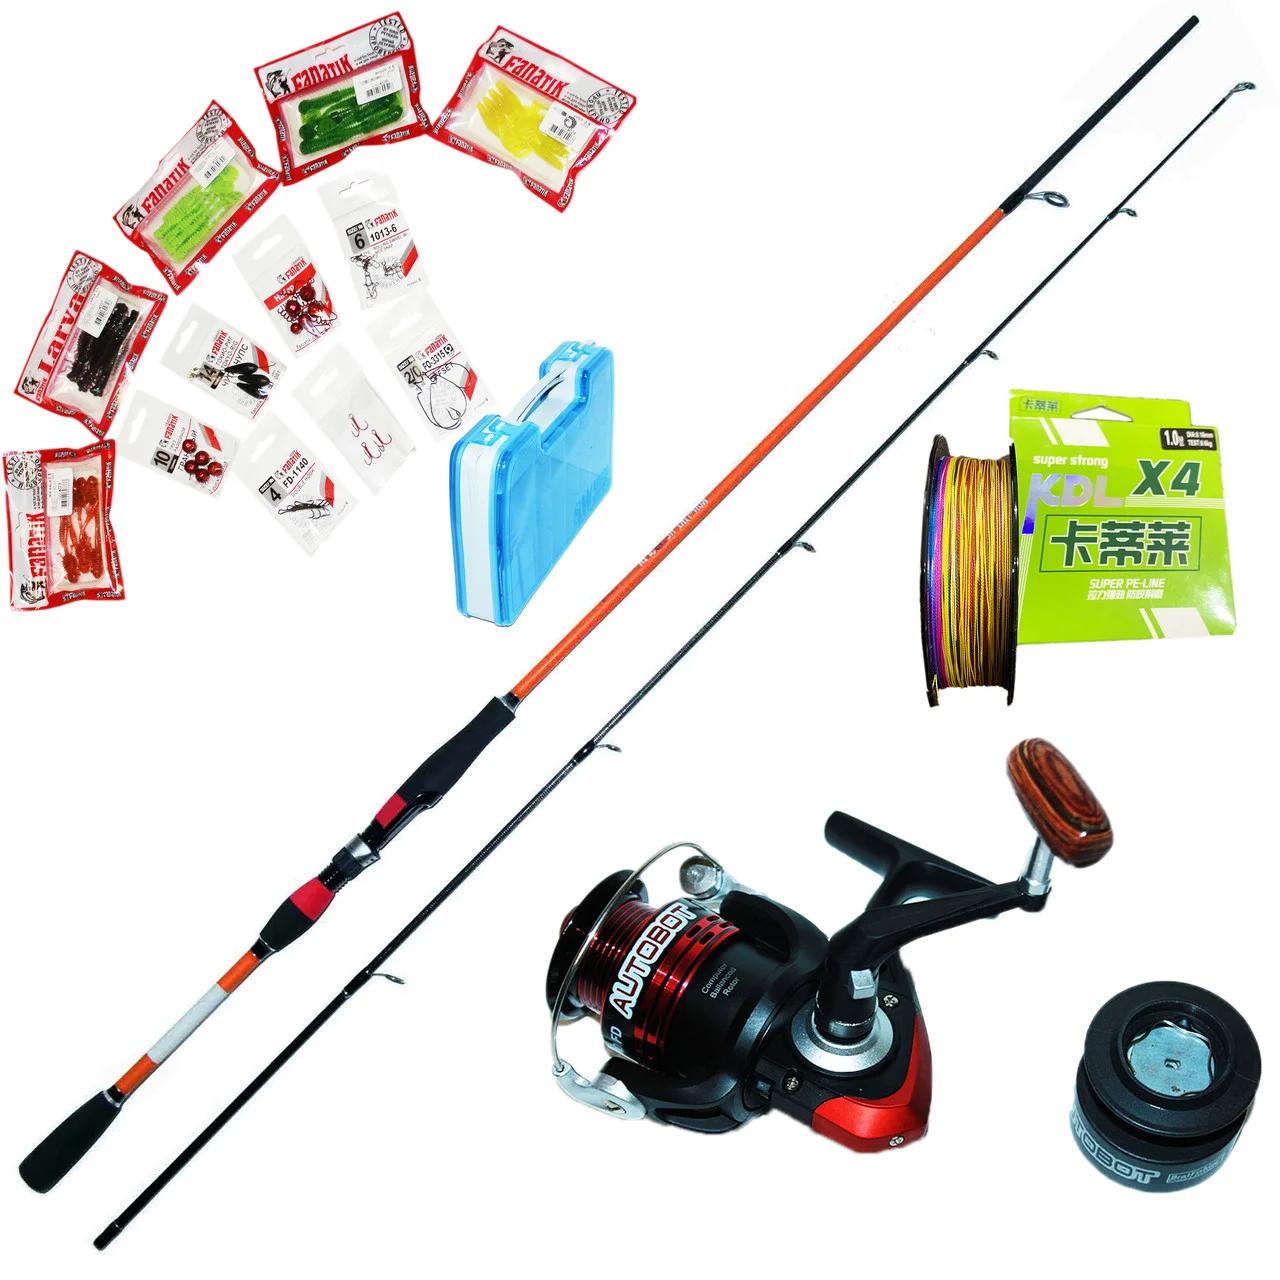 Спиннинг Набор FANATIK для ловли хищной рыбы /щука, судак, окунь/ 2.4 м